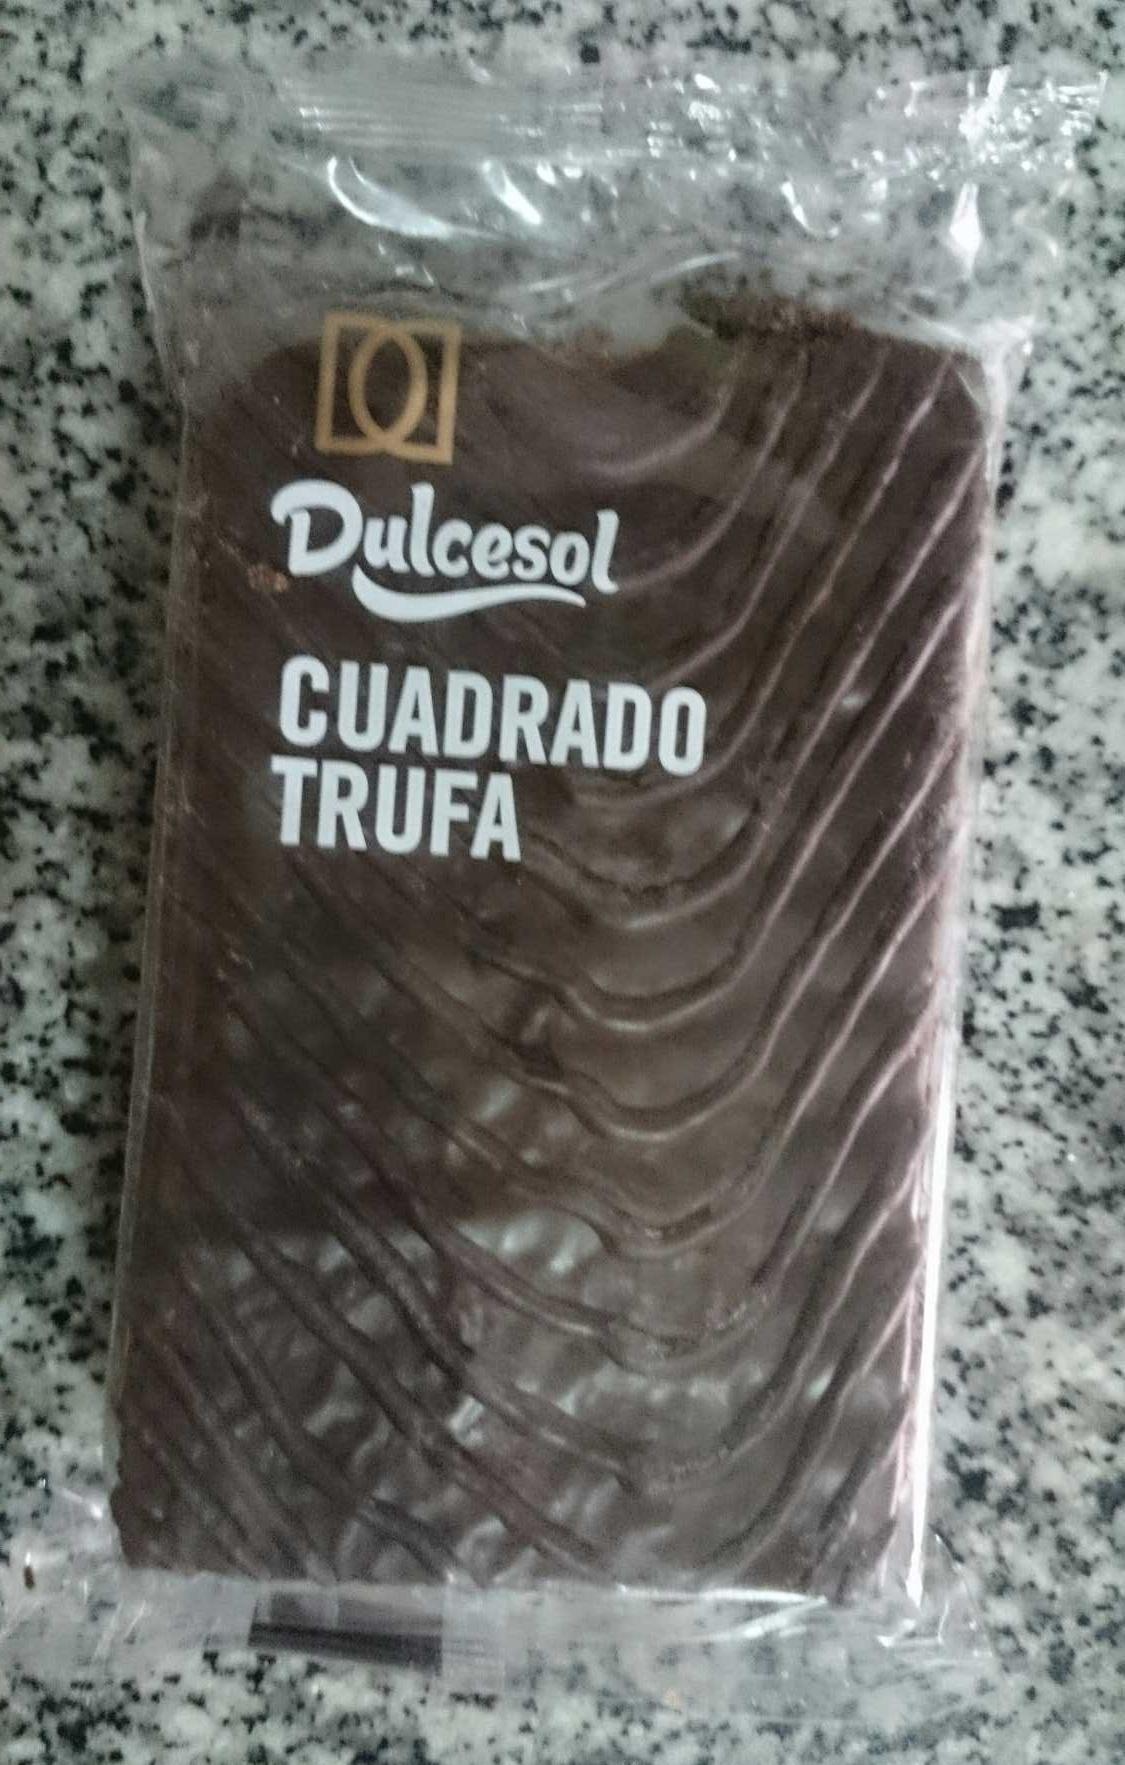 Cuadrado de trufa Dulcesol - Producto - pt